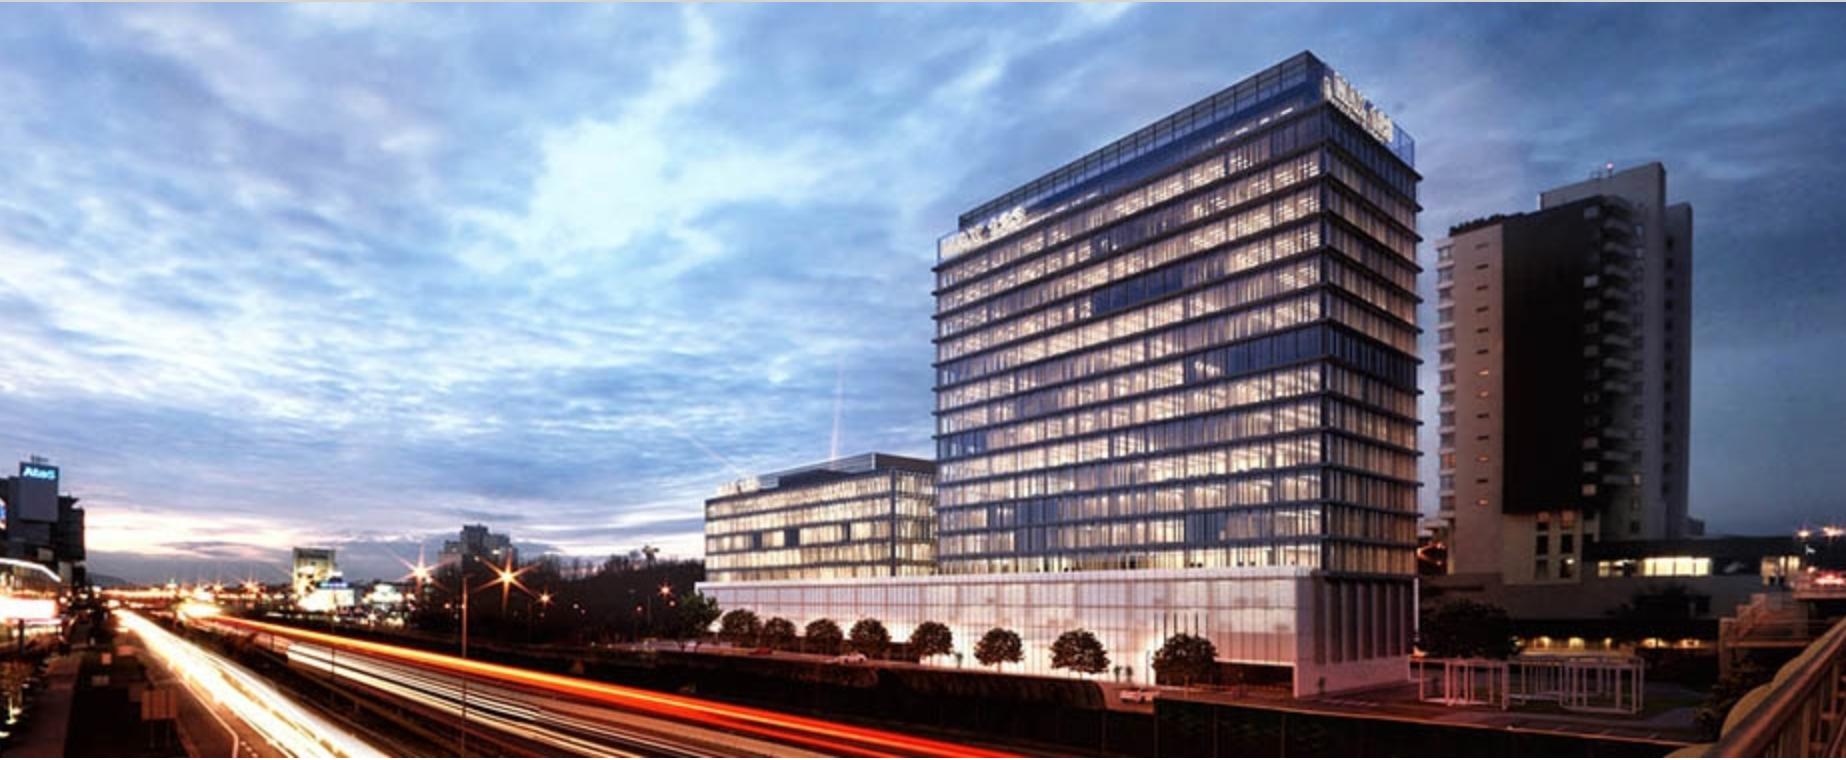 Moderní architektonická firma, která se nebojí experimentovat